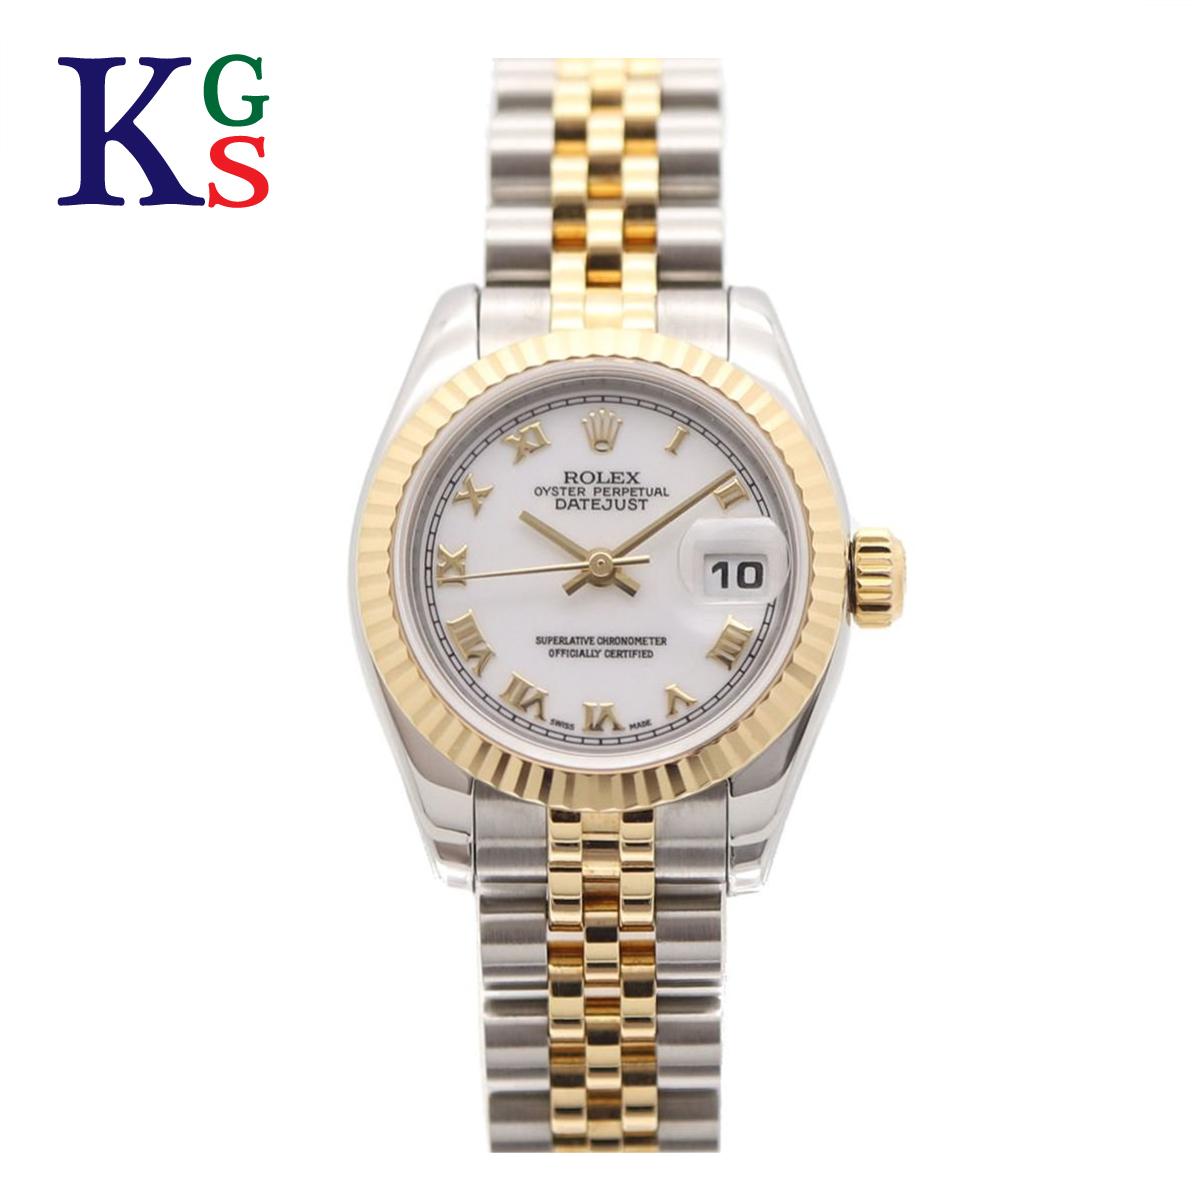 【ギフト品質】ロレックス/ROLEX レディース 腕時計 デイトジャスト ホワイト文字盤 ローマン K18YG ステンレススチール 自動巻き 179173